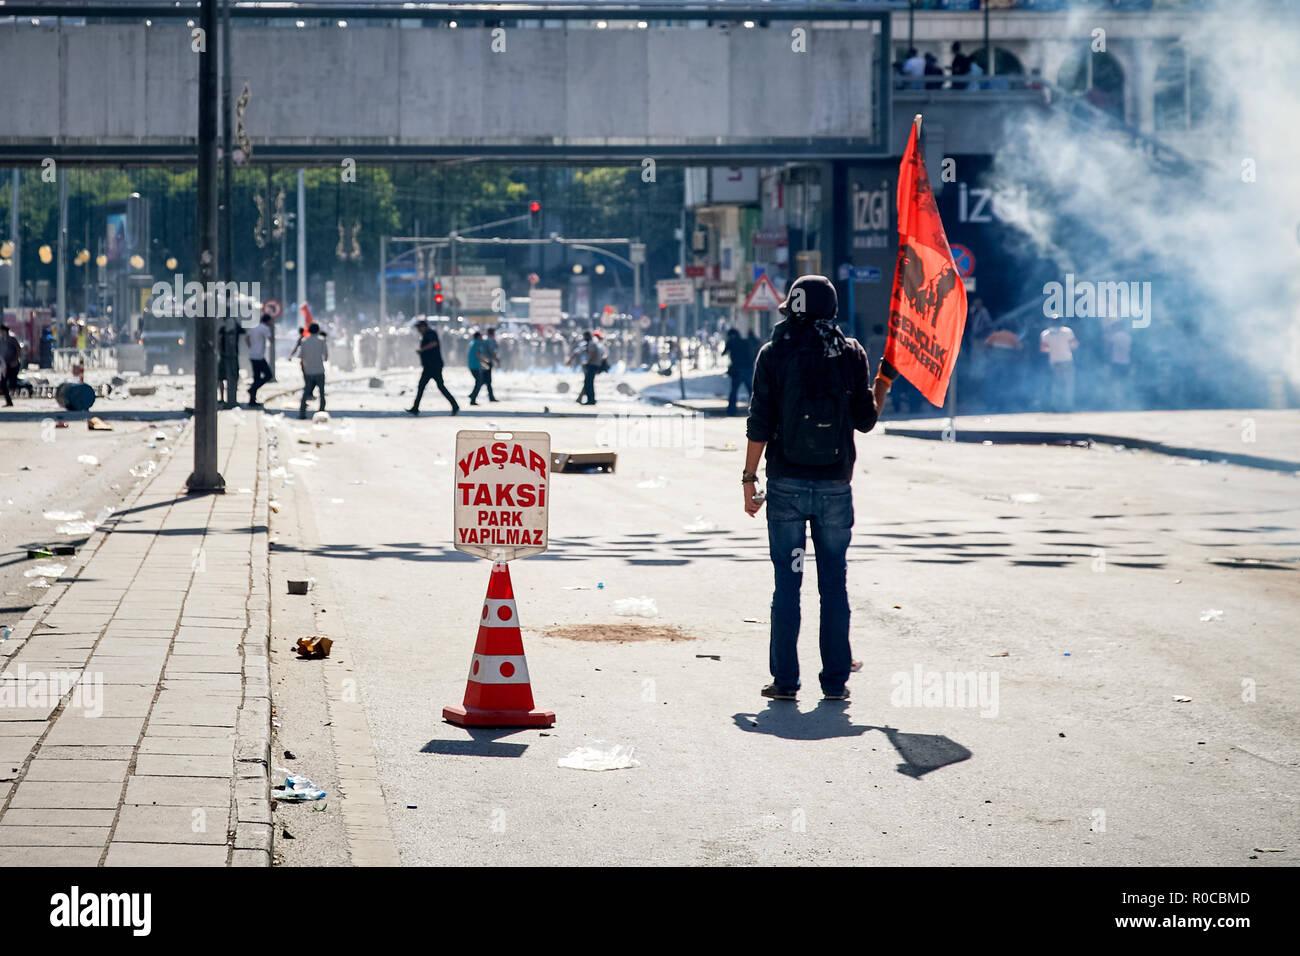 Junge weibliche Demonstrant Holding eine Fahne auf einer Straße mit Tränengas durch die Polizei während Gezi-park Proteste in Ankara, Türkei feuerte abgedeckt Stockbild